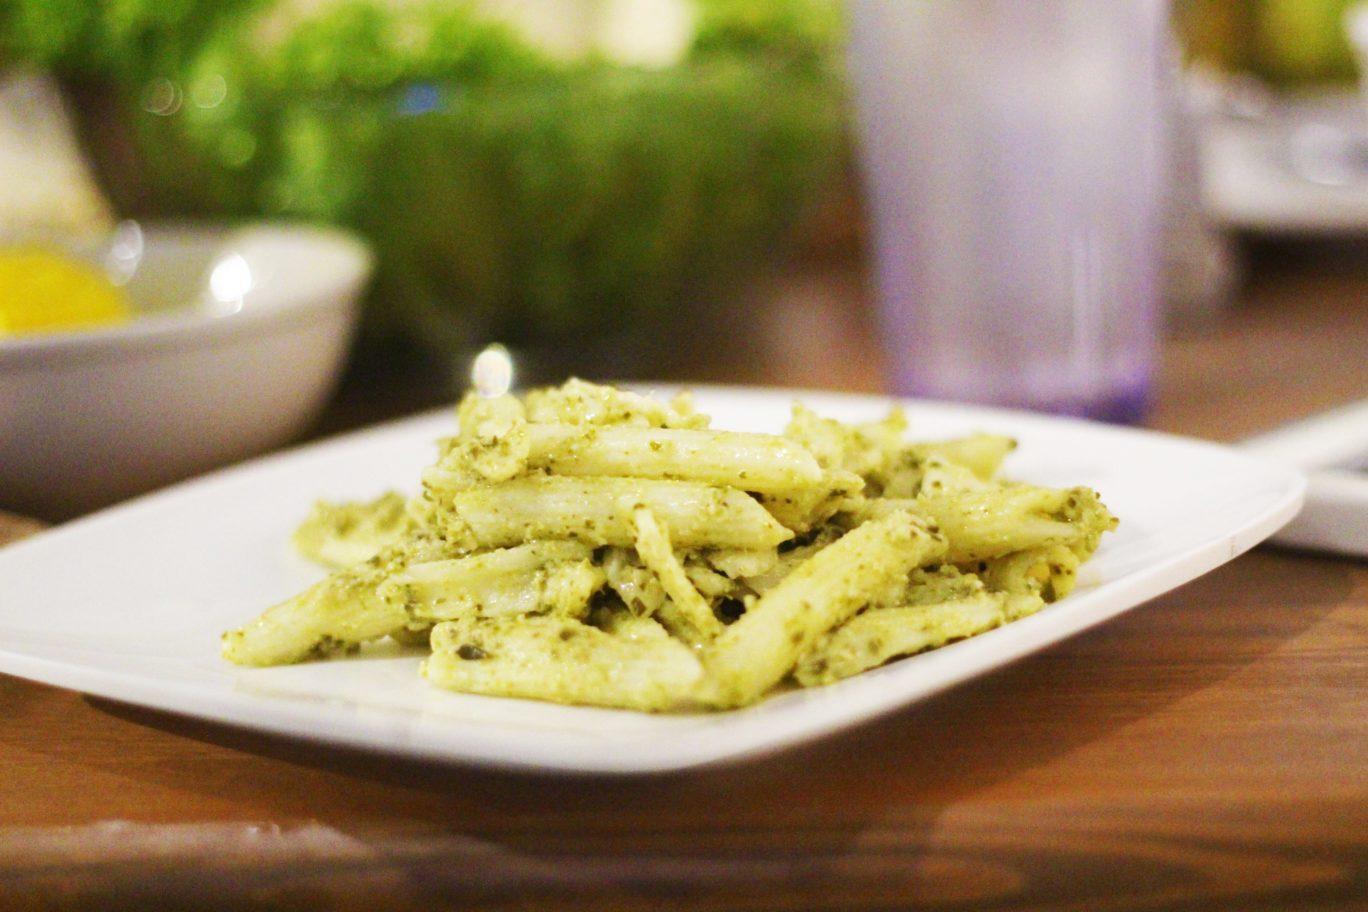 Pesto Pasta inspired by Jamie Oliver's Recipe